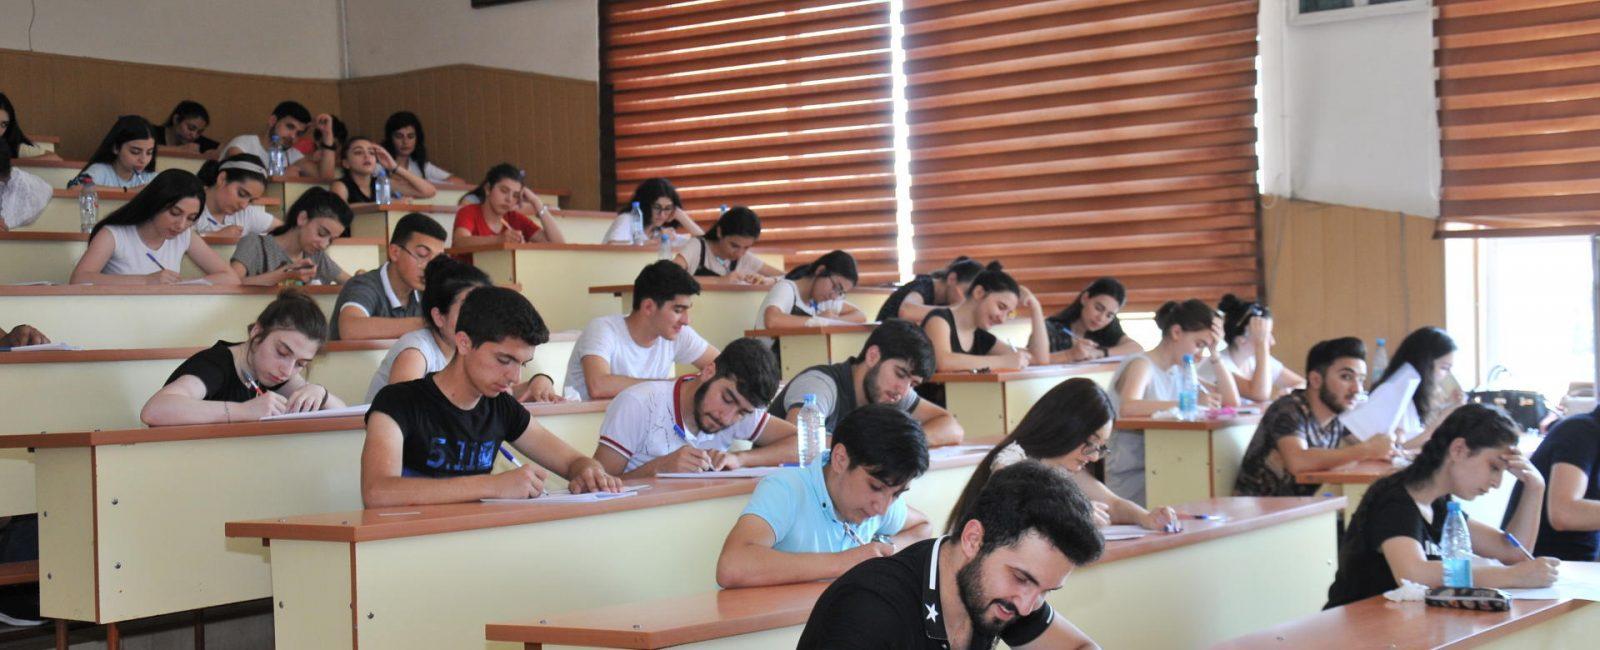 studenti-v-auditorii